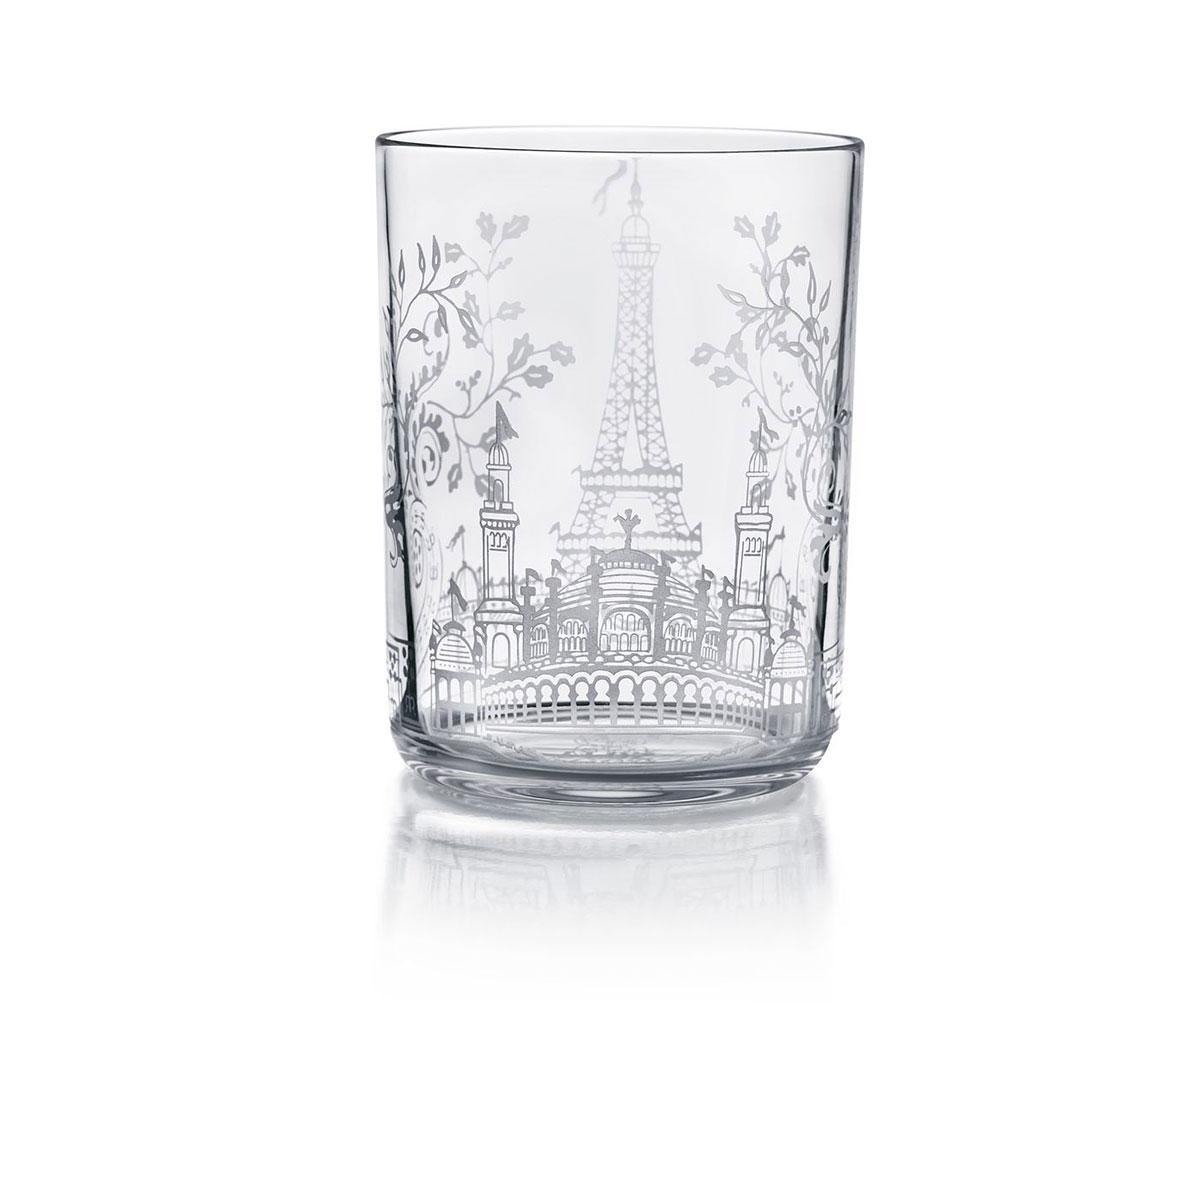 Baccarat Crystal, Heritage Tumbler, Paris 1889, Single